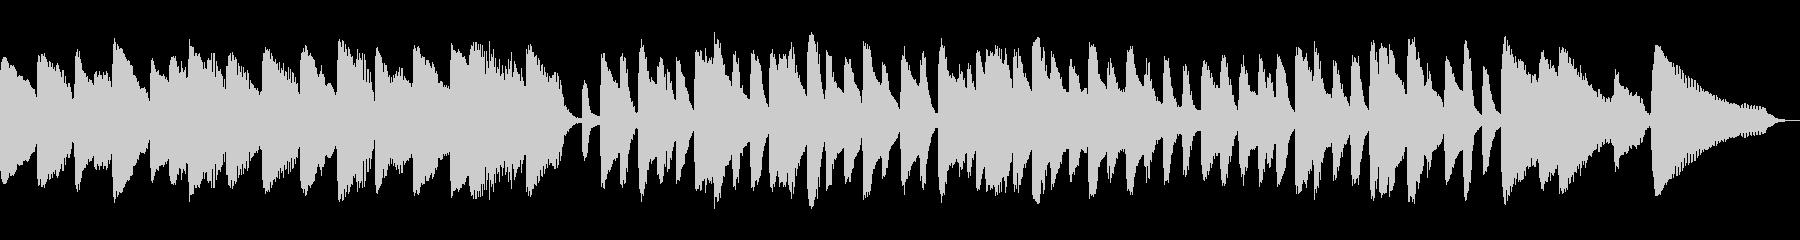 ちょっと和風のピアノ独奏曲「あやとり」の未再生の波形